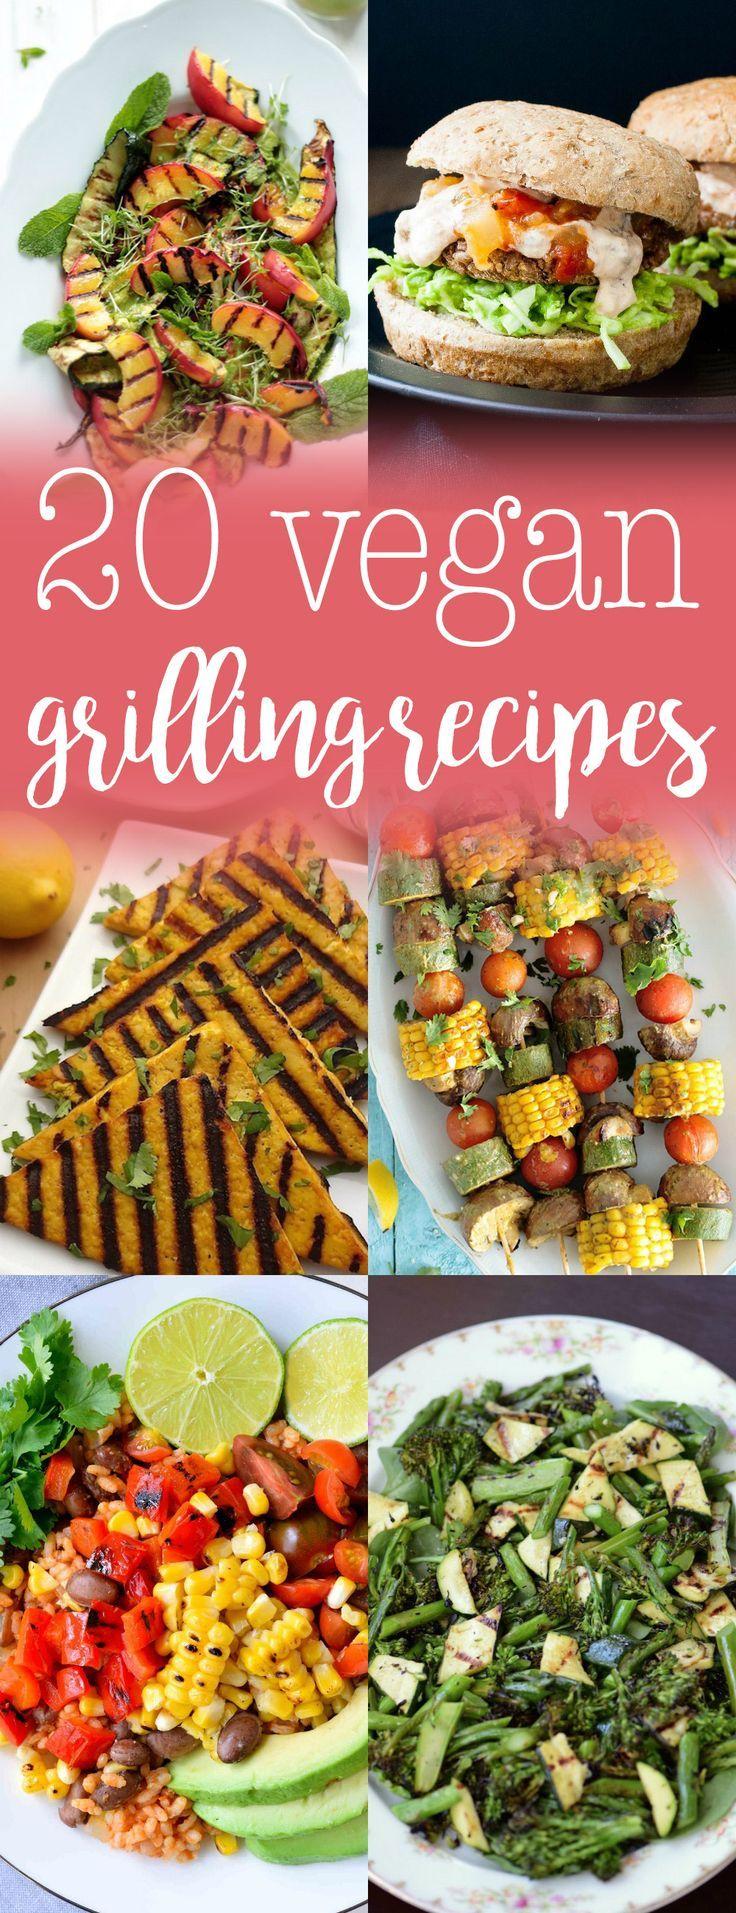 20 Tasty Vegan Grilling Recipes A Very Vegan Summer